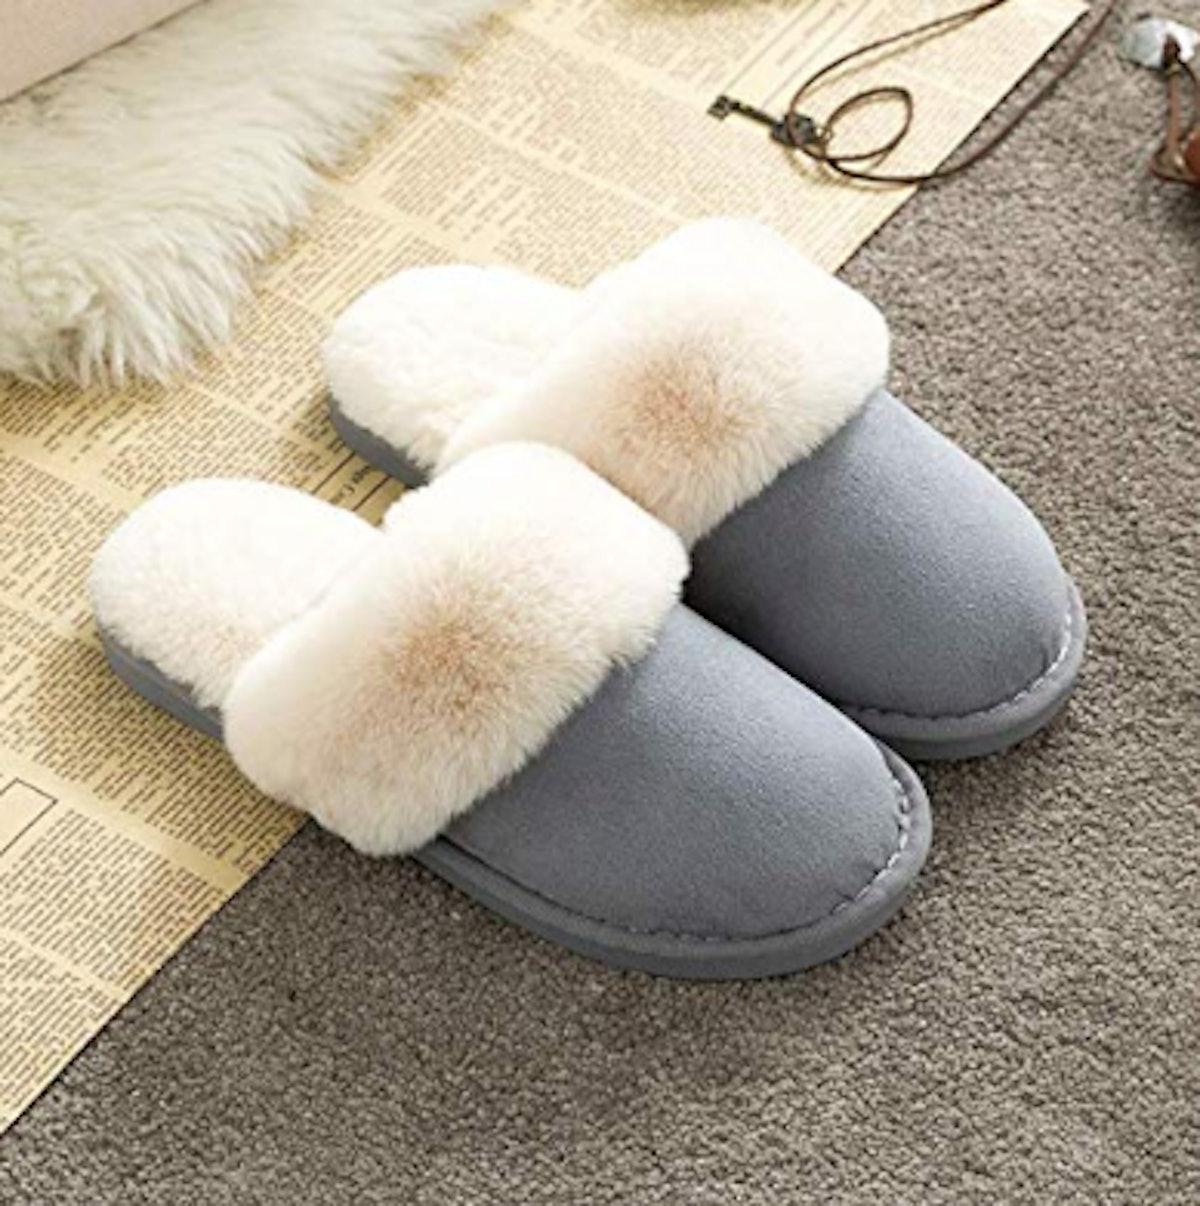 Donppa Memory Foam Slippers